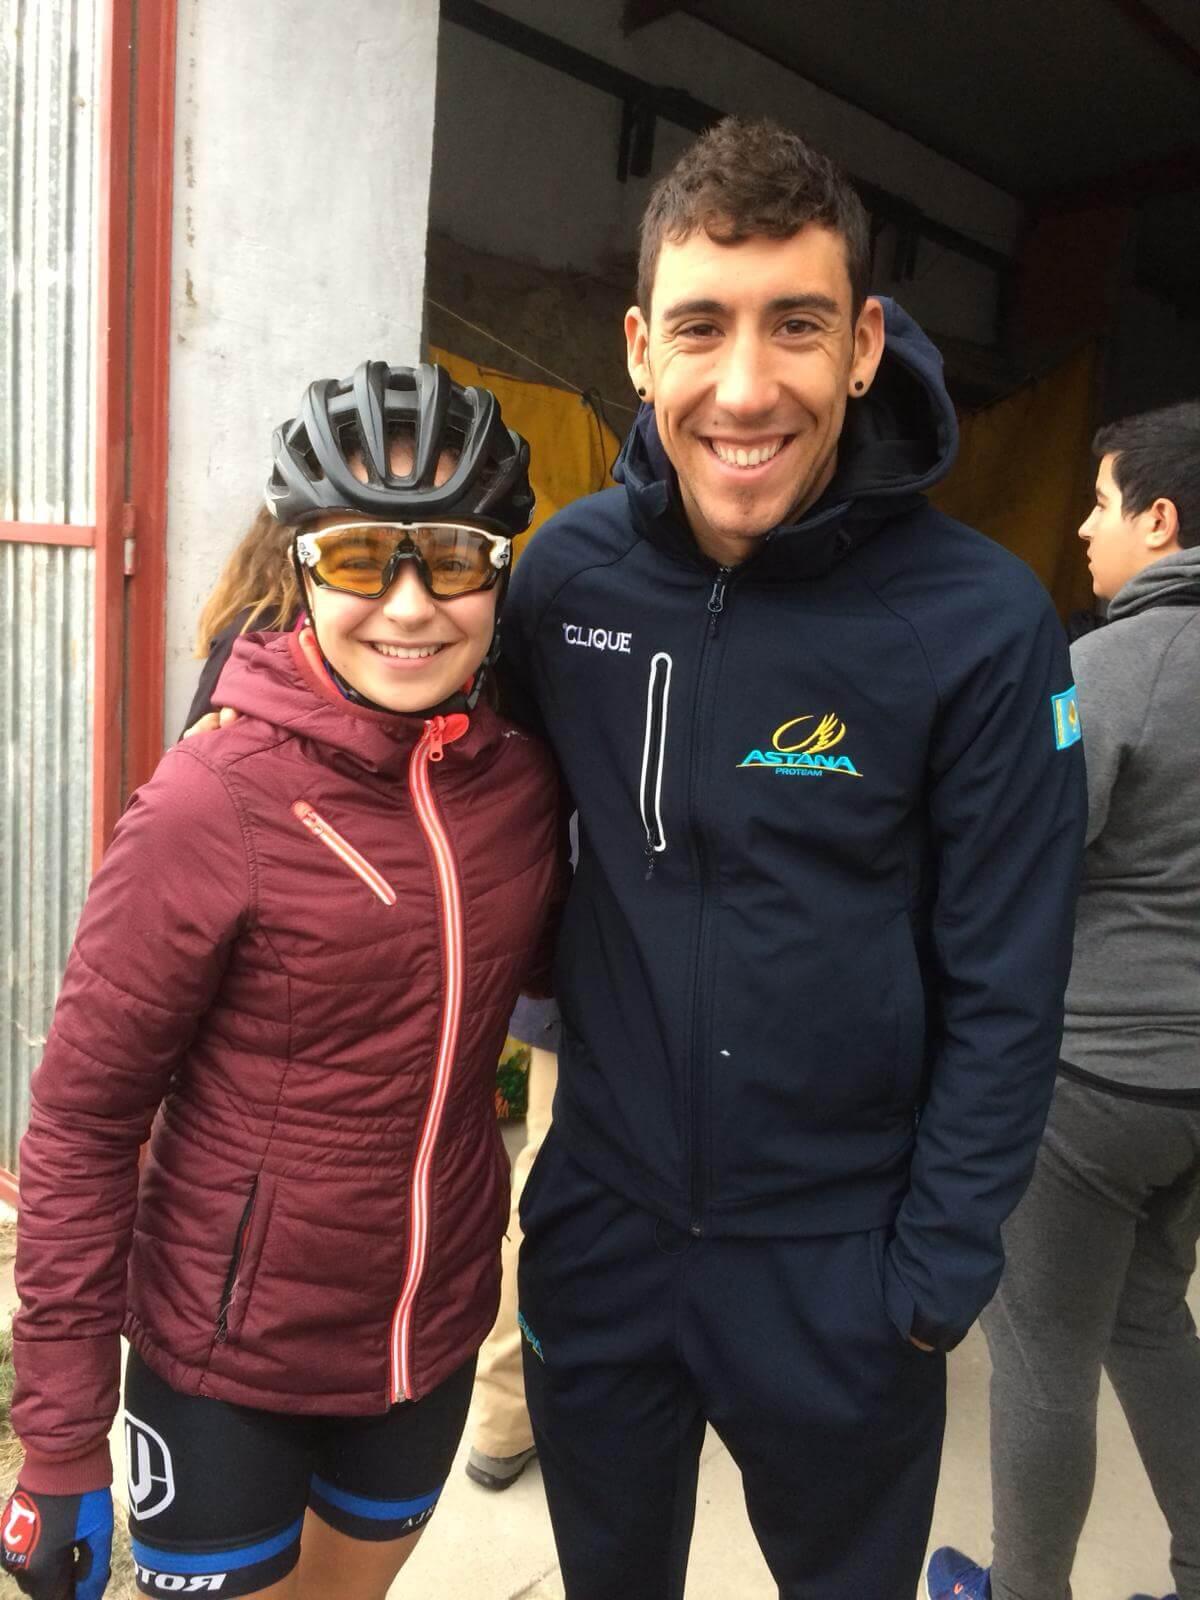 María López roza el podio en el Ciclocross de Fresno de Rodilla 5